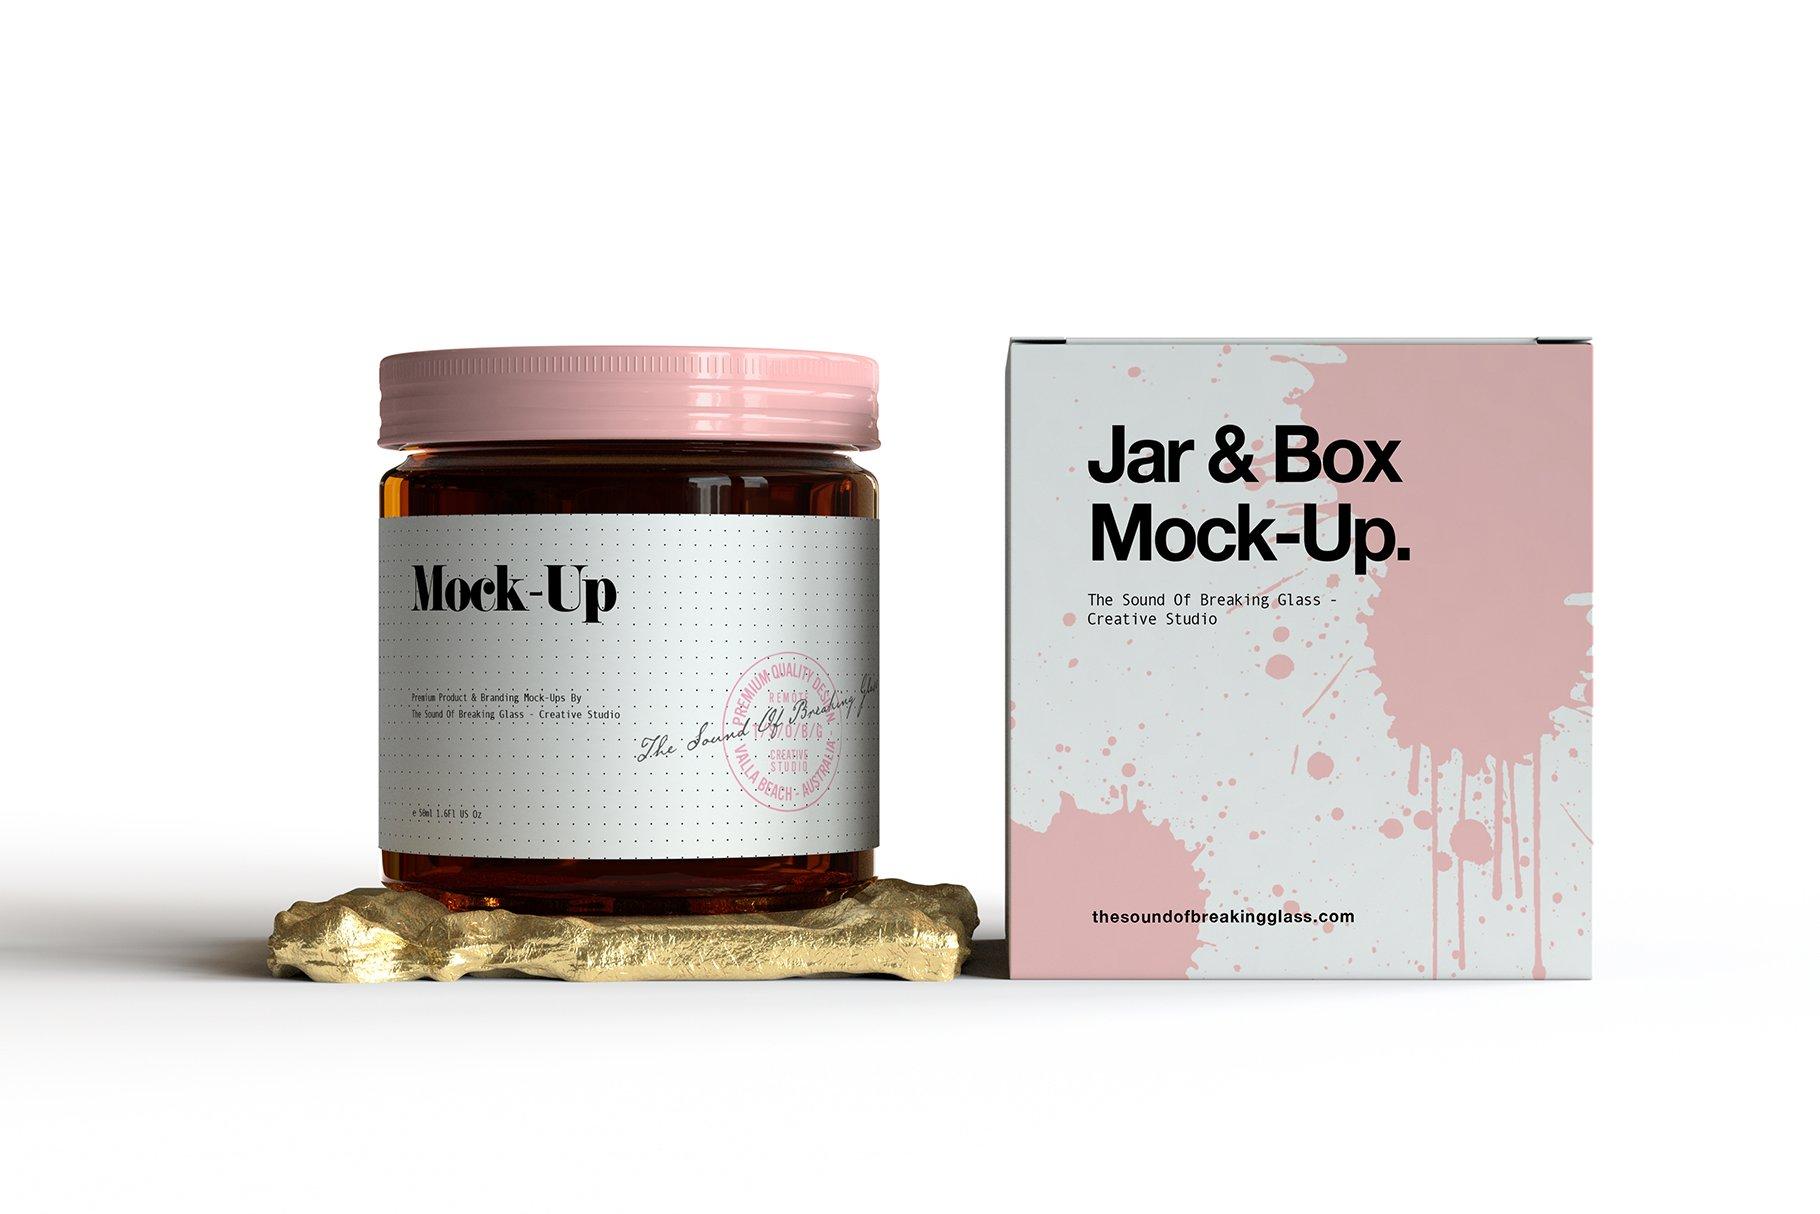 6款棕色化妆品玻璃罐包装盒设计展示样机 Amber Glass Jar & Box Mockup Vol.2插图(3)